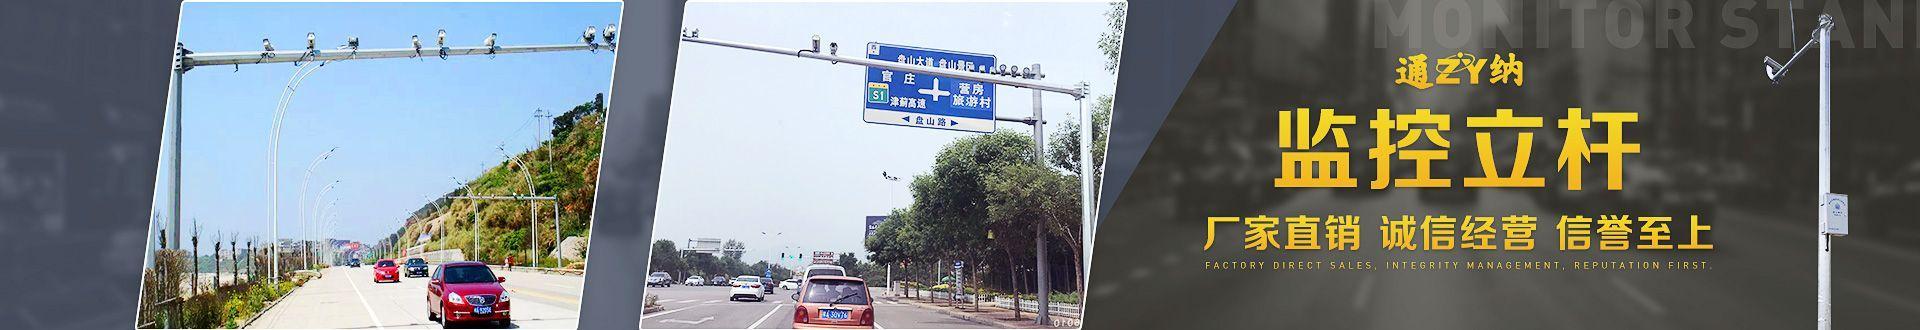 北京智远通纳科技有限公司